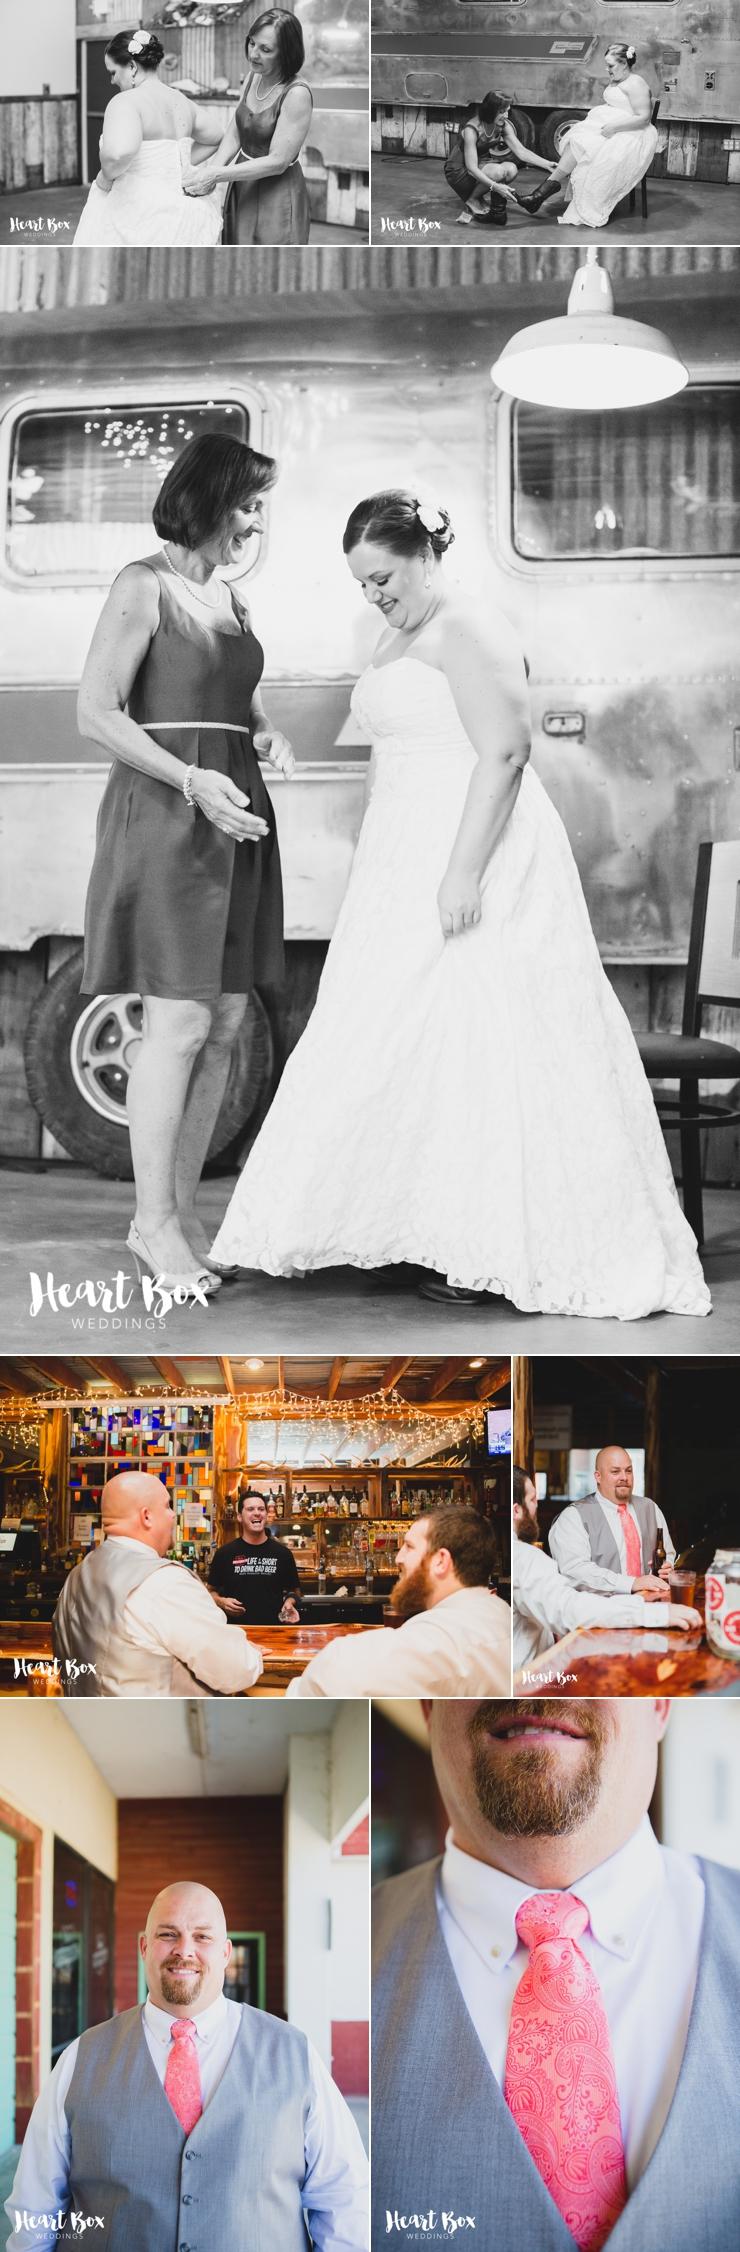 Turner Wedding Blog Collages 2.jpg